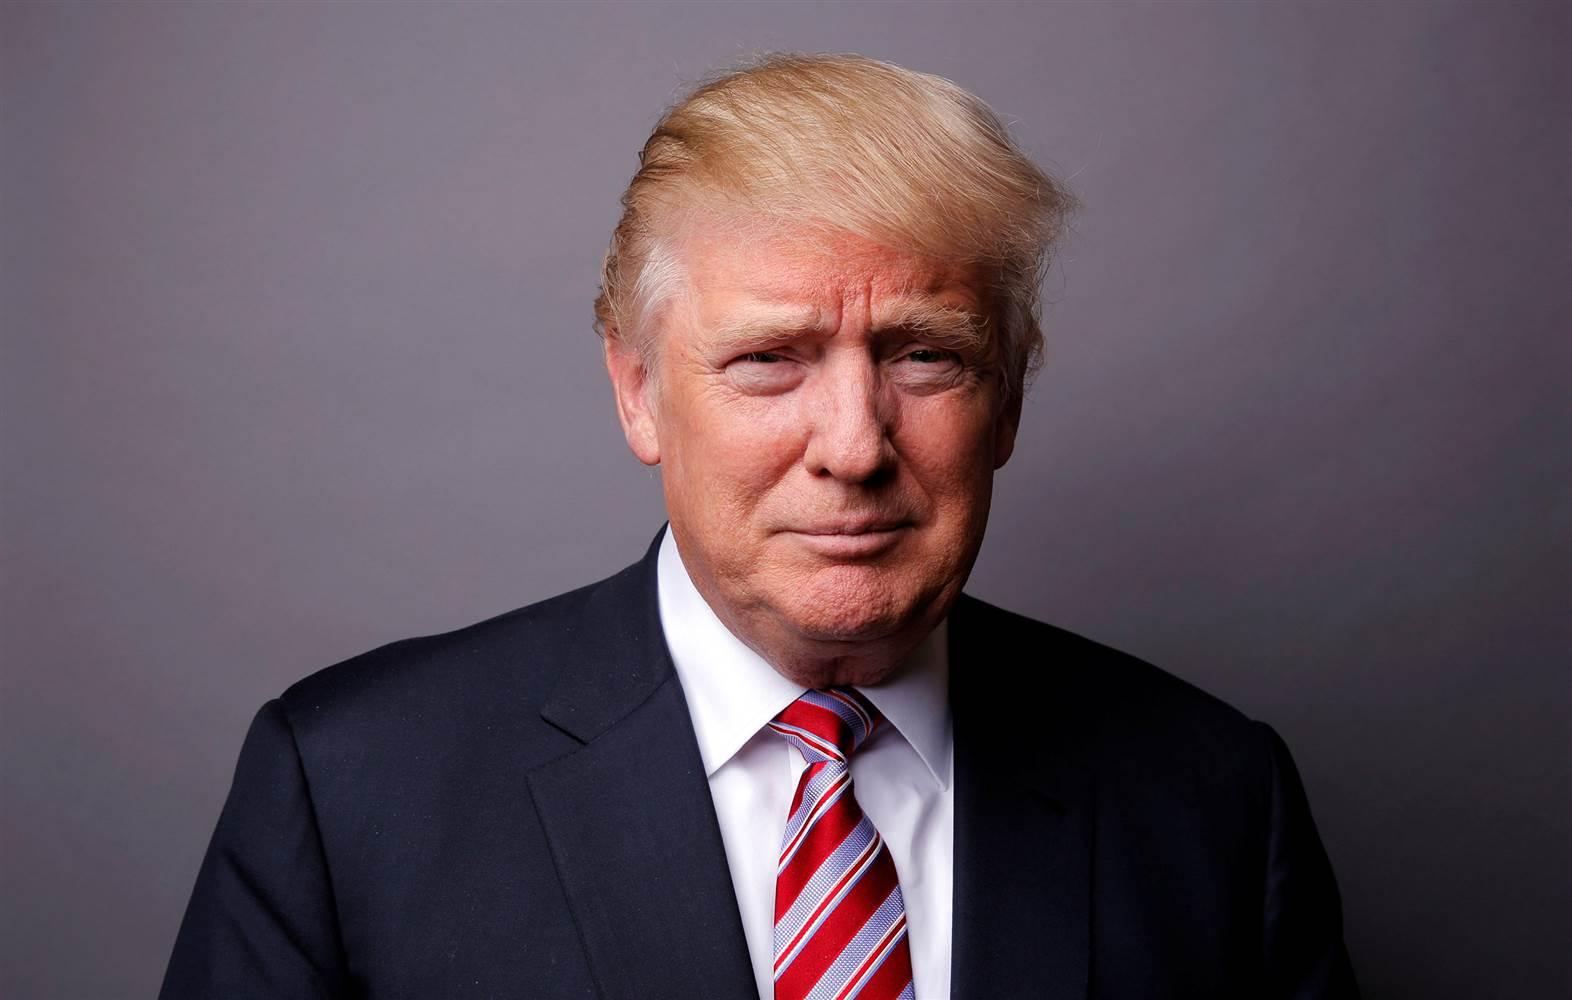 ABD'de seçime günler kala Trump anketlerde öne geçti